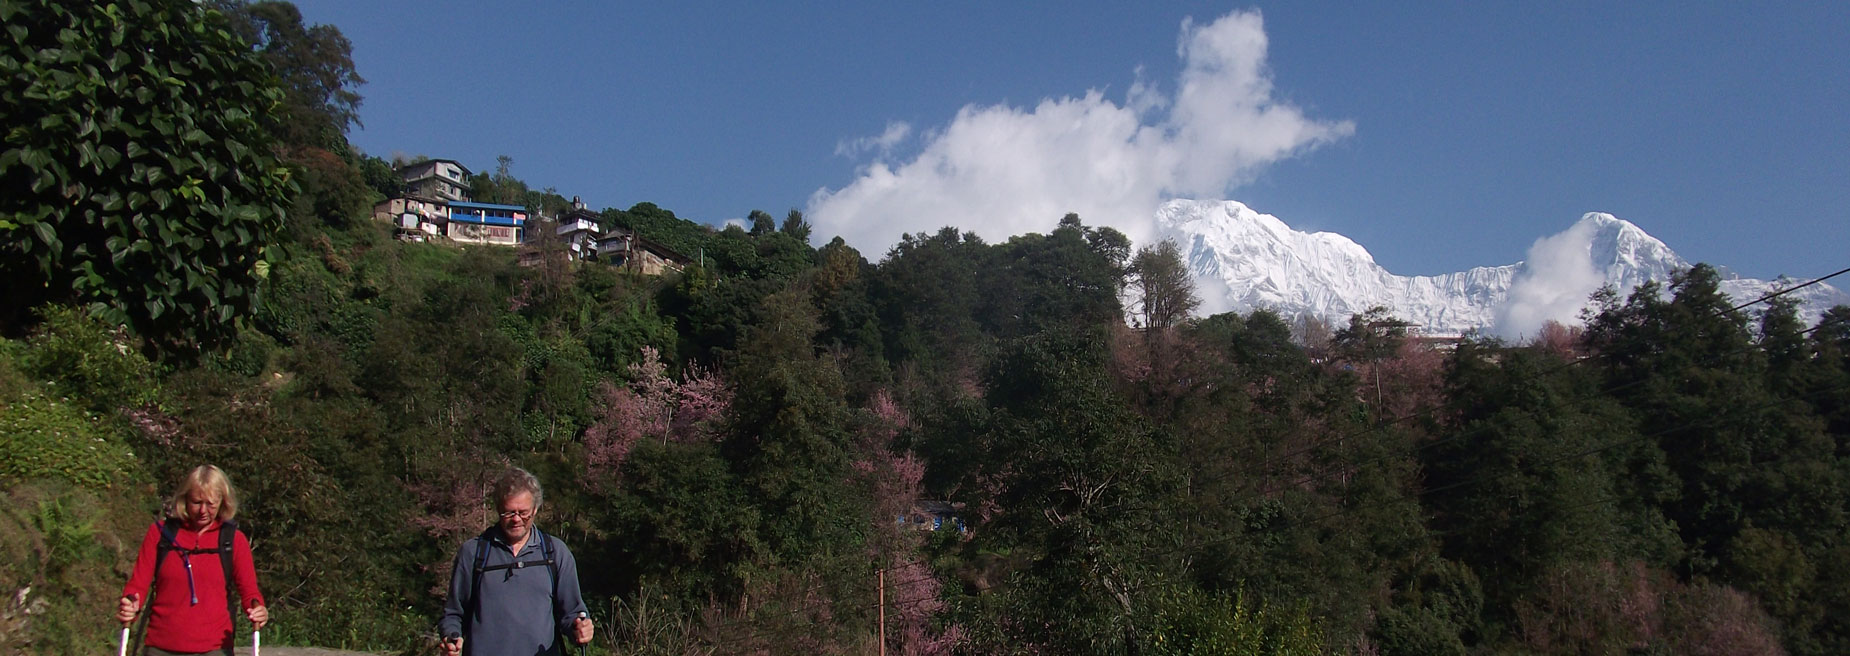 Trekking in Nepal - Exploring Himalaya and more...